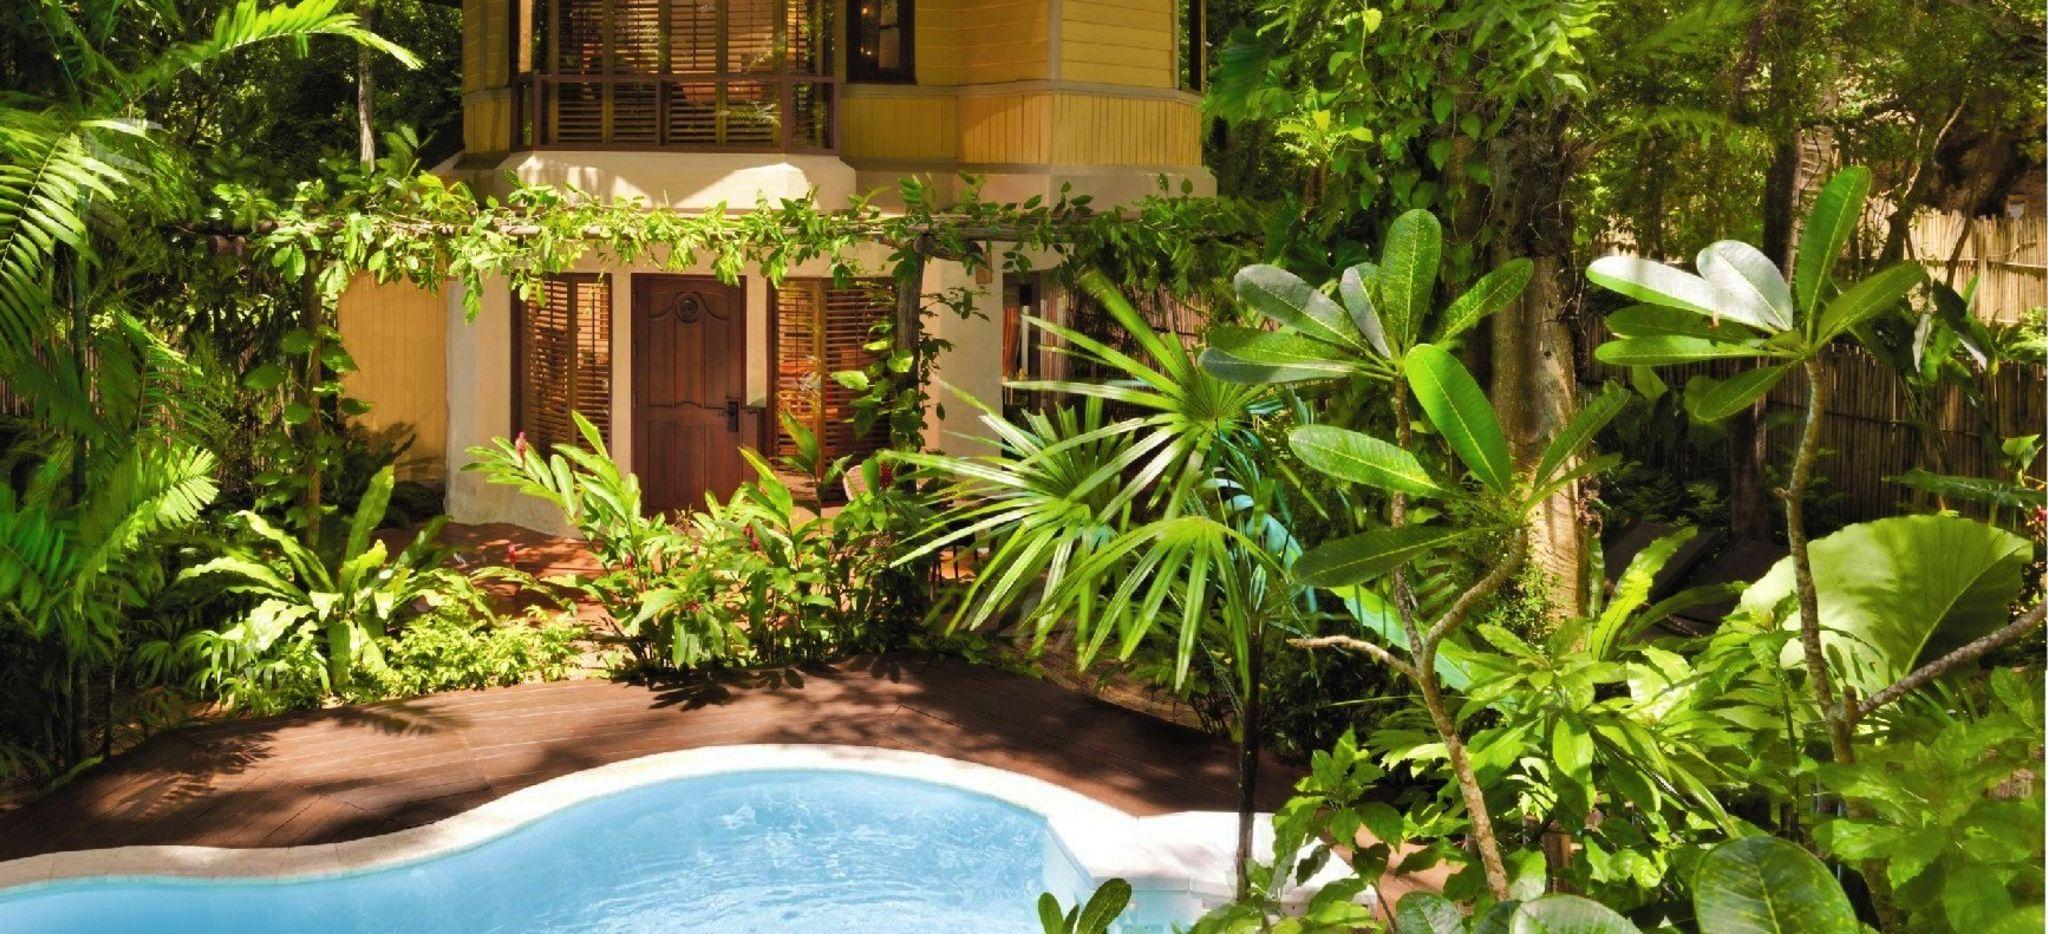 Eine Villa im Dschungel mit einem Pool